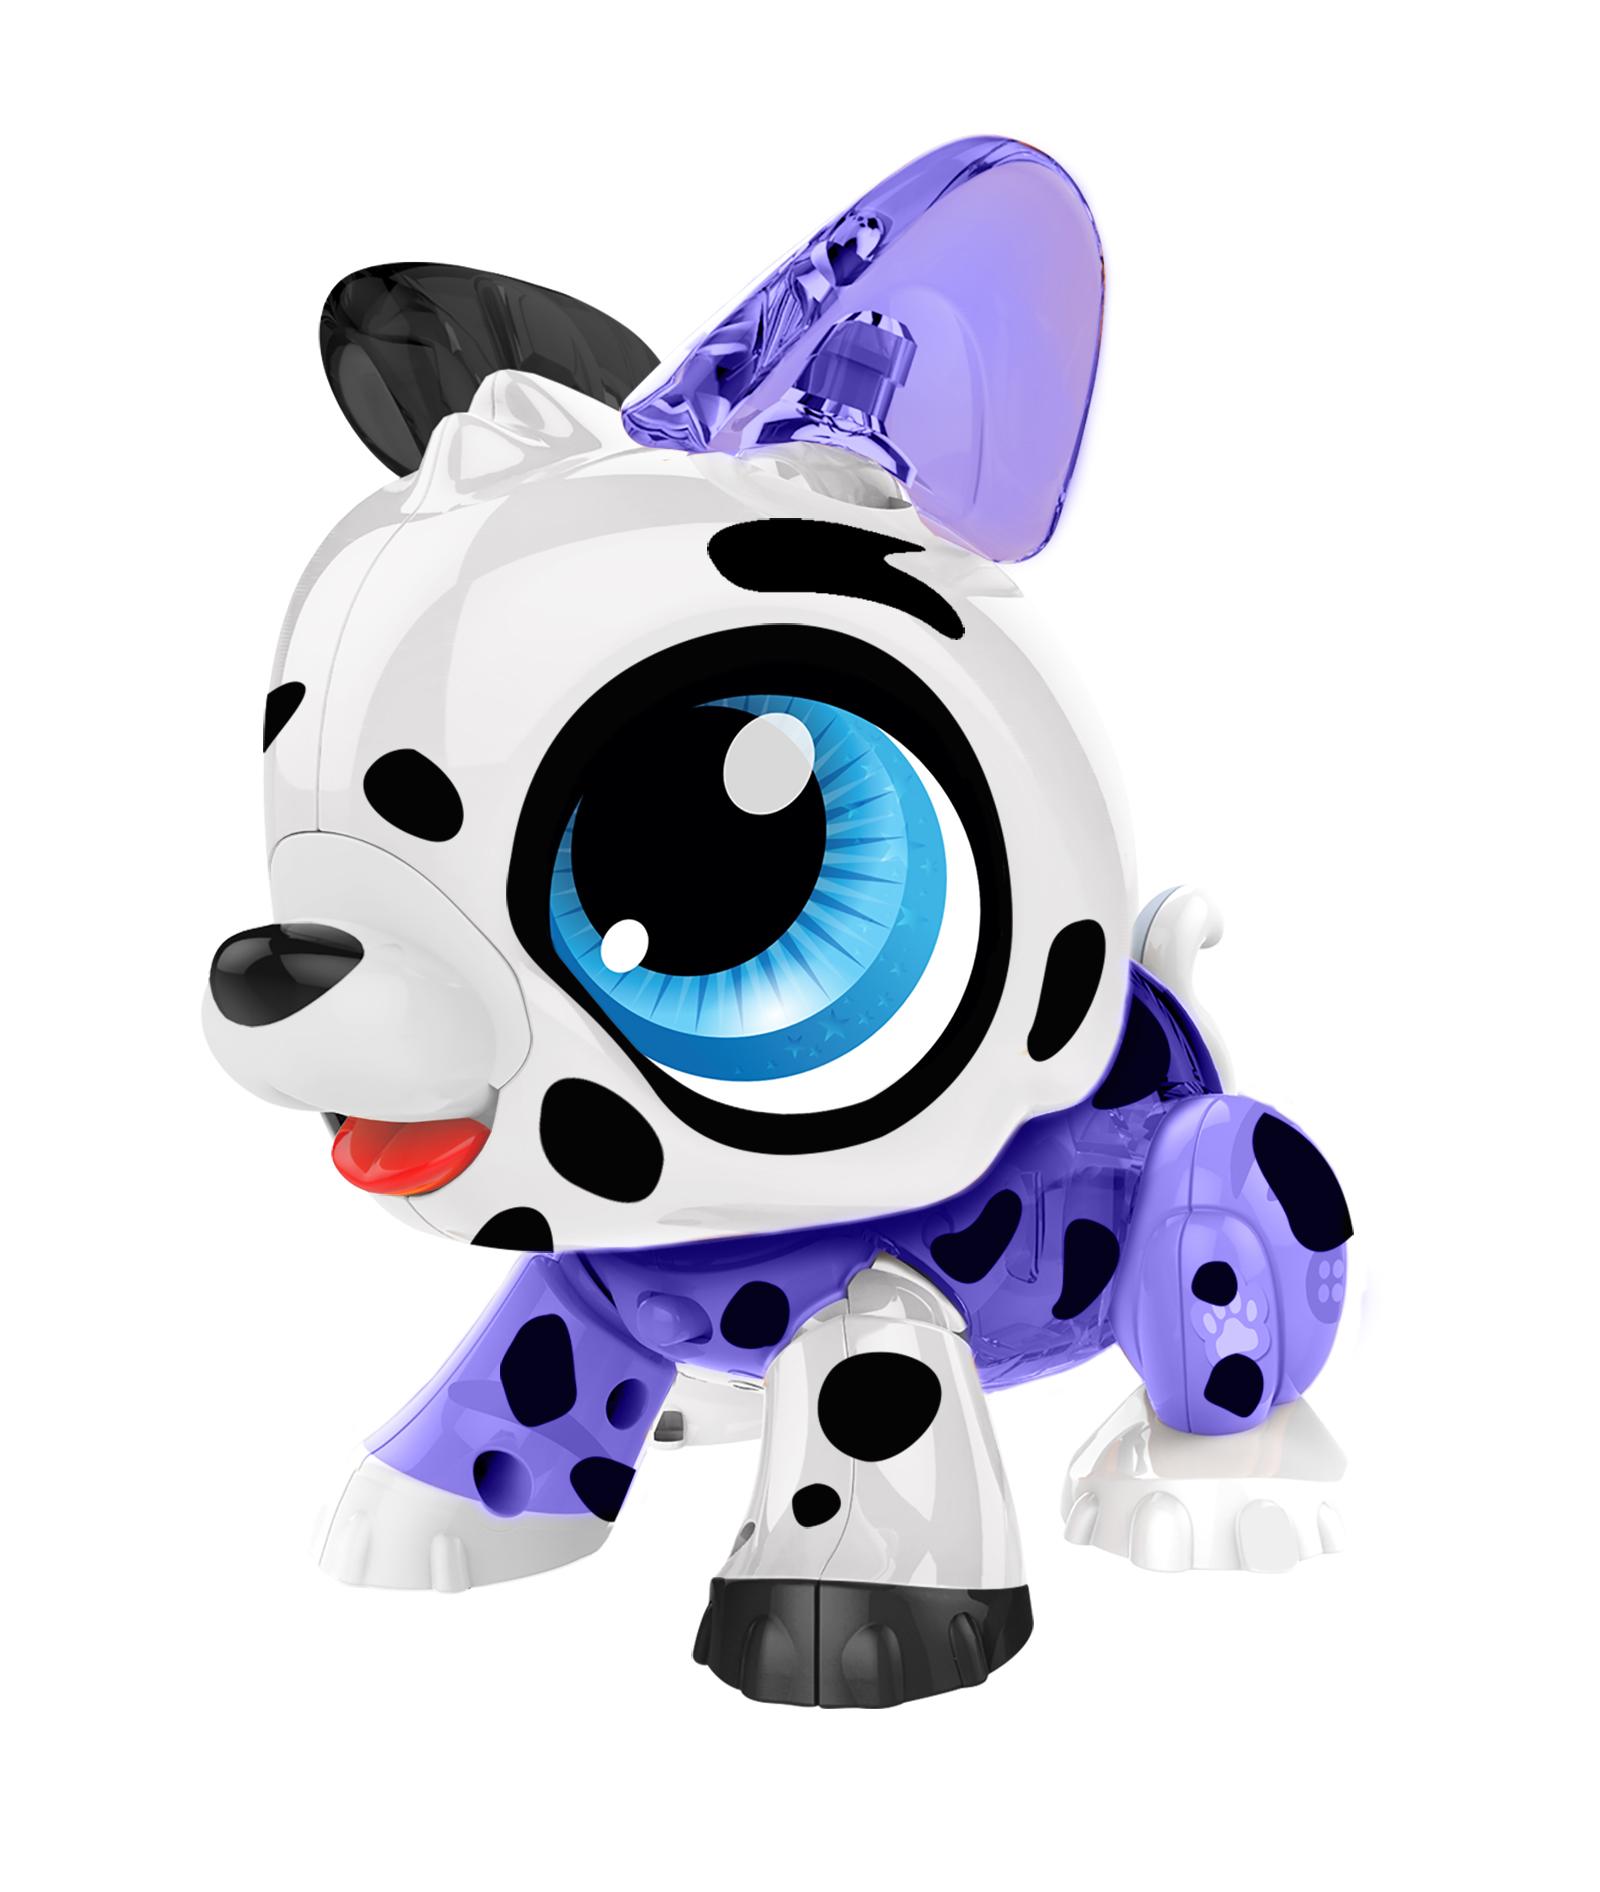 Image 8 Dalmatian - Hybrid - hi-res.jpg